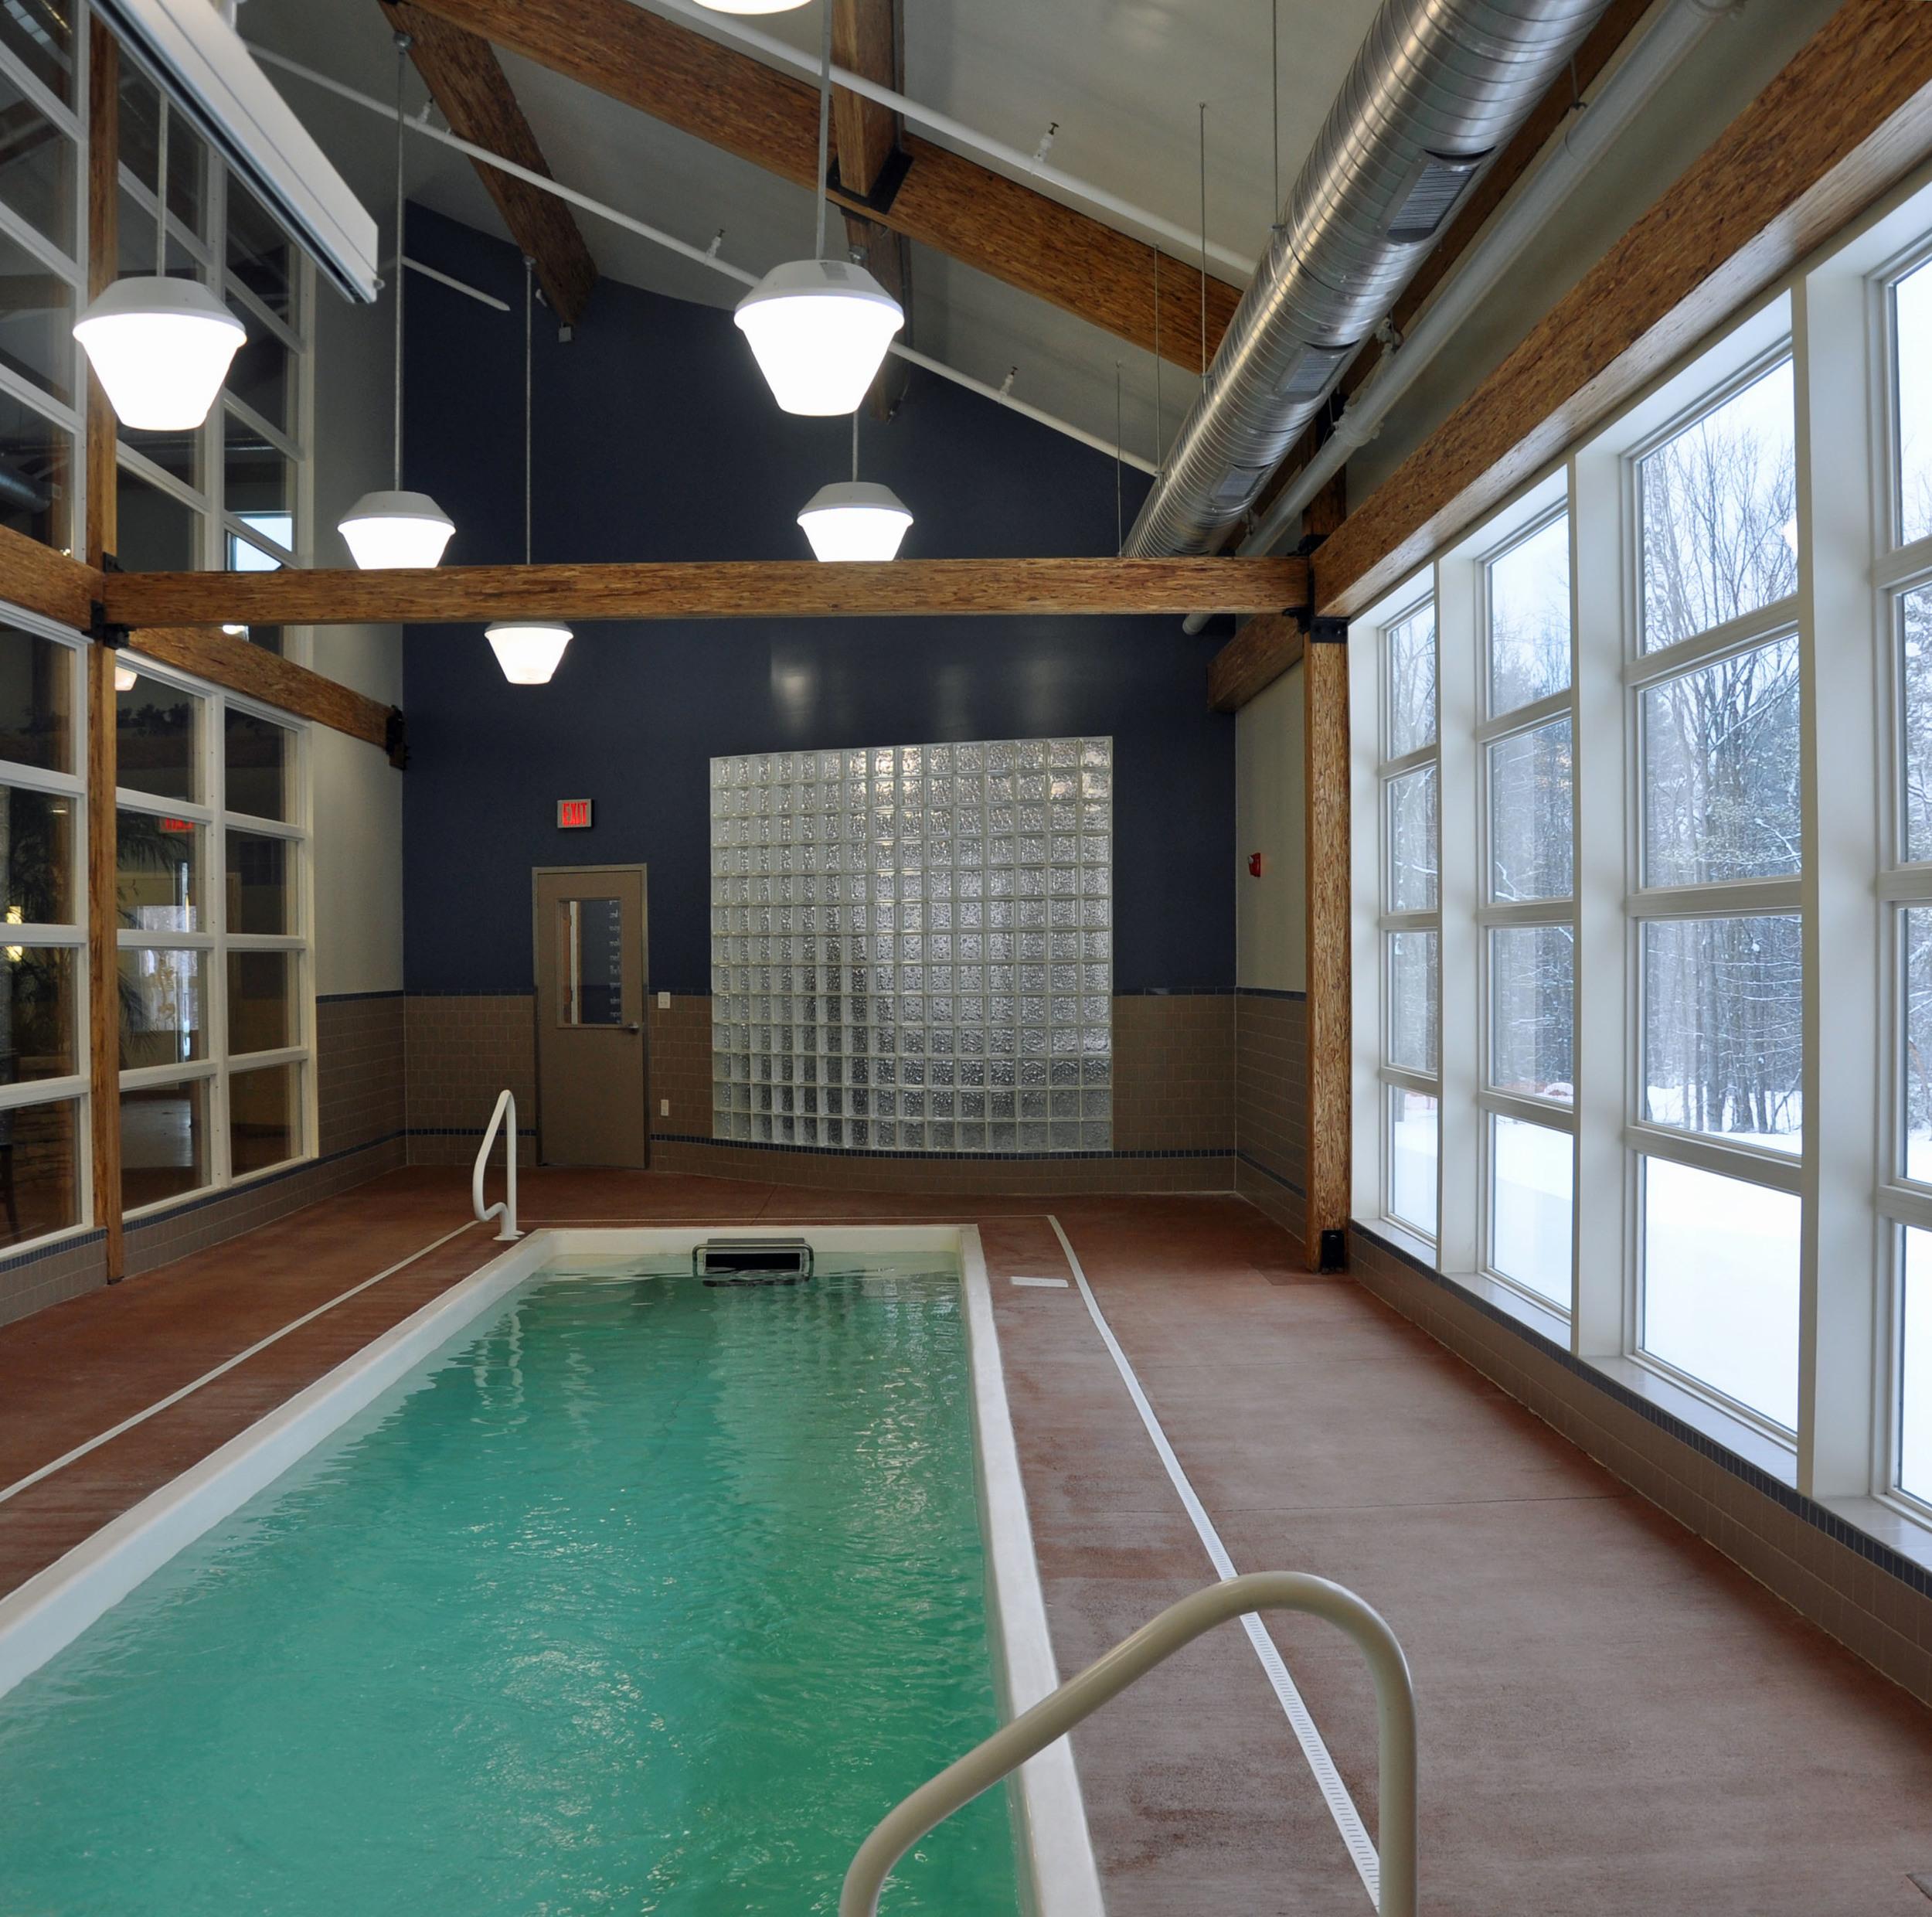 photo courtesy Kuhn Riddle Architects